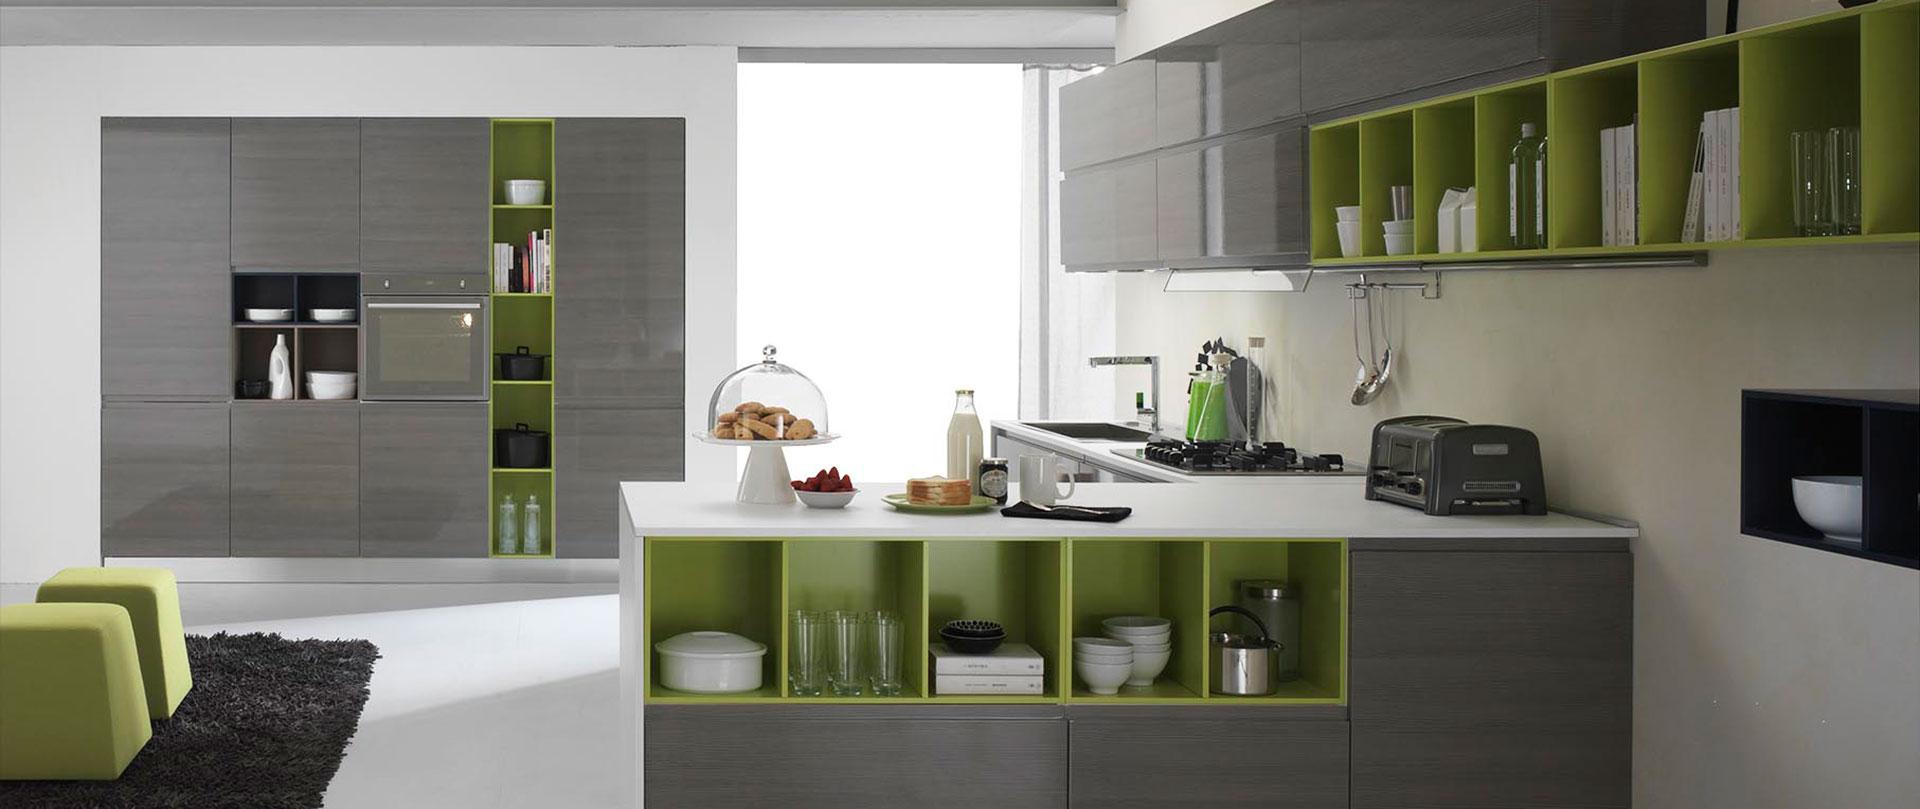 Beautiful Mobilturi Cucine Promozione Ideas - Carolineskywalker.com ...